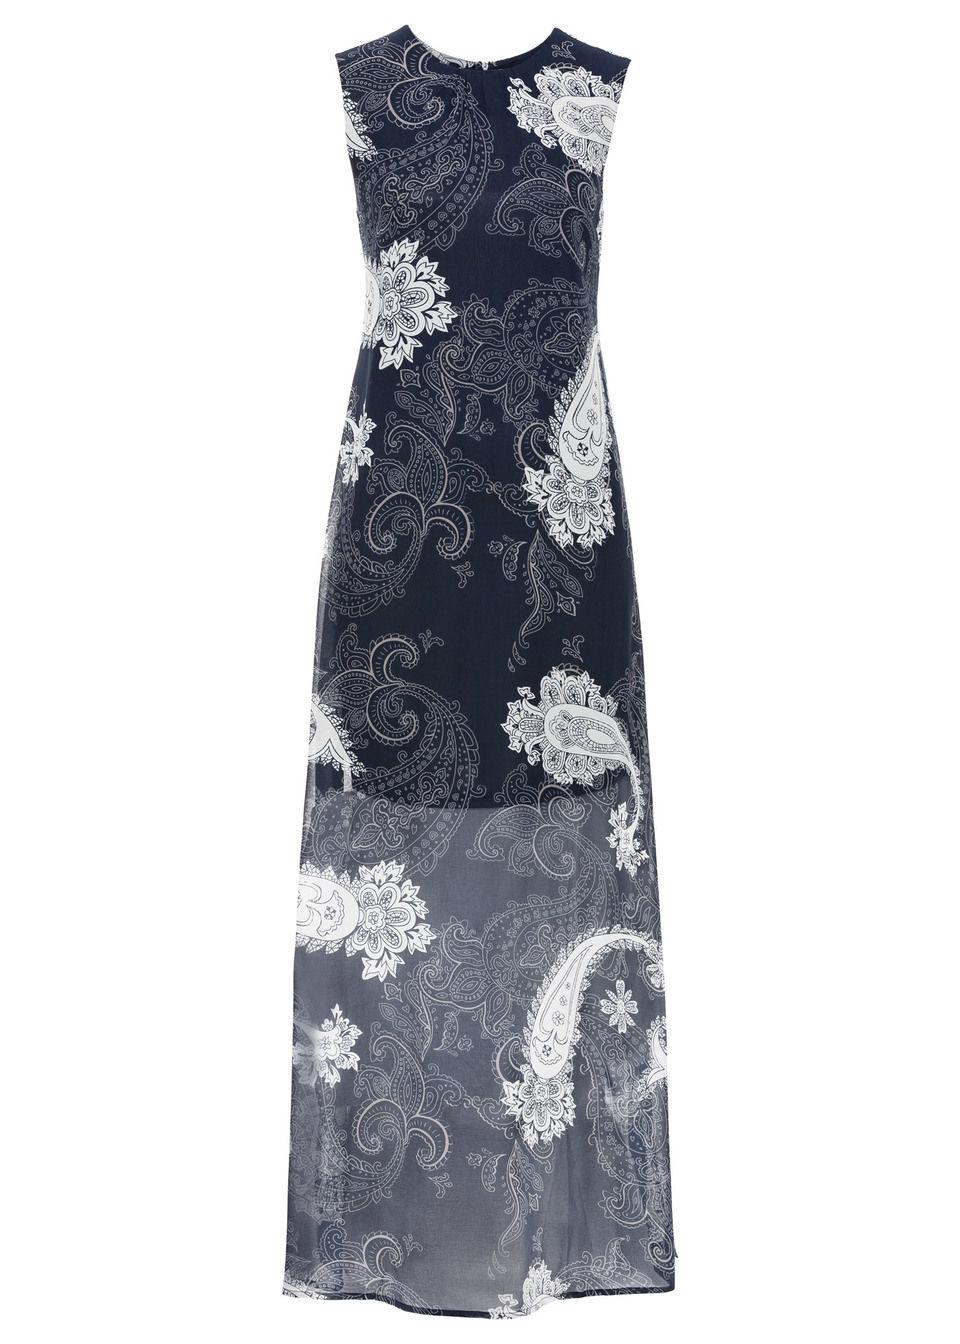 Купить Платье из шифона, bonprix, темно-синий с узором «пейсли»